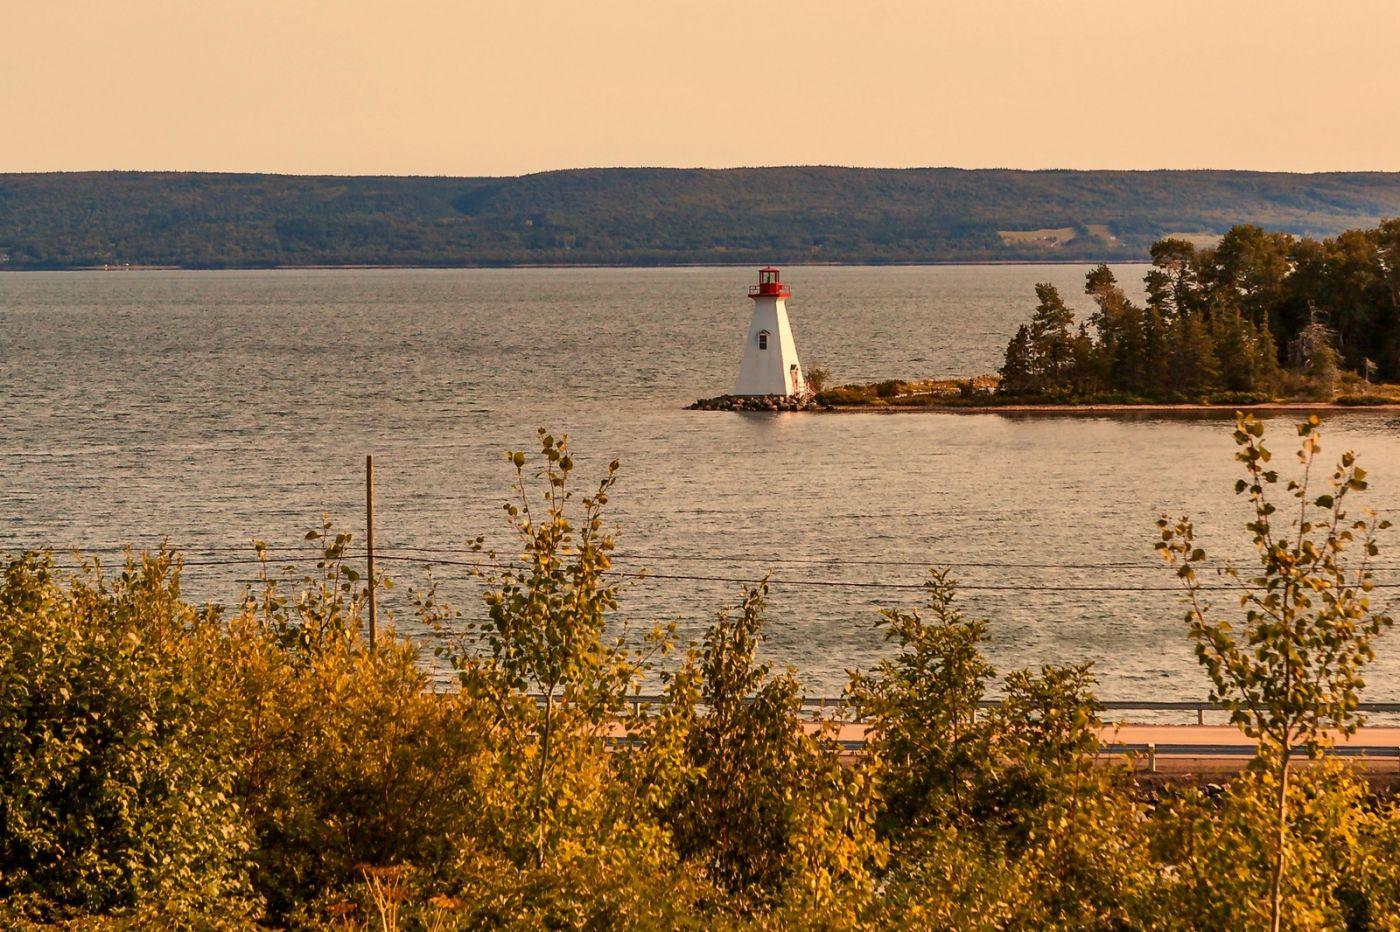 加拿大Nova Scotia, 帆船灯塔老鹰_图1-24